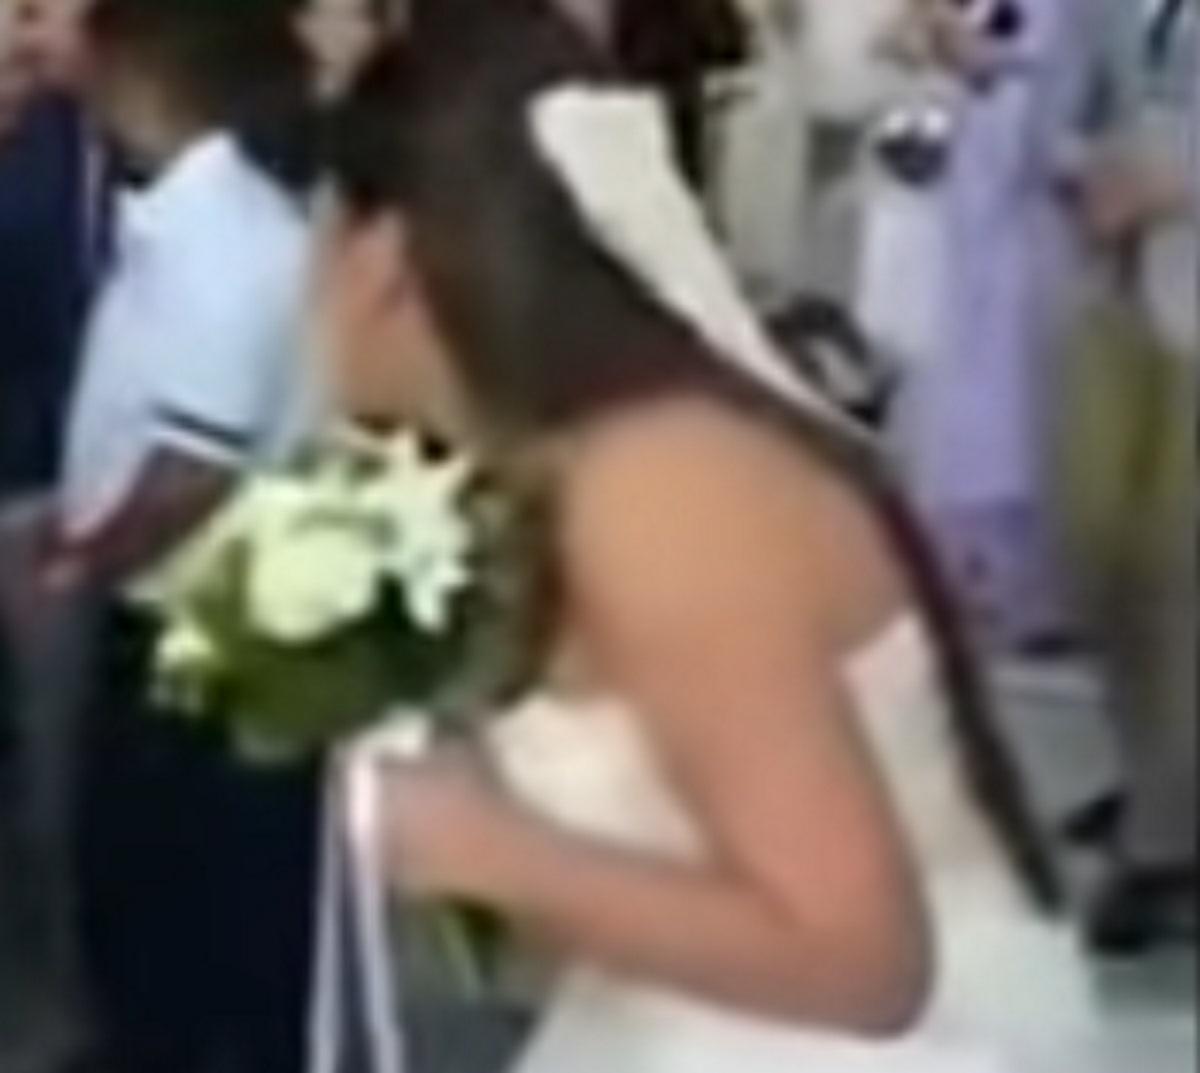 Καβάλα: Η κούκλα νύφη ξεκαρδίστηκε στα σκαλιά της εκκλησίας – Ο γάμος και οι εικόνες που συζητήθηκαν – video